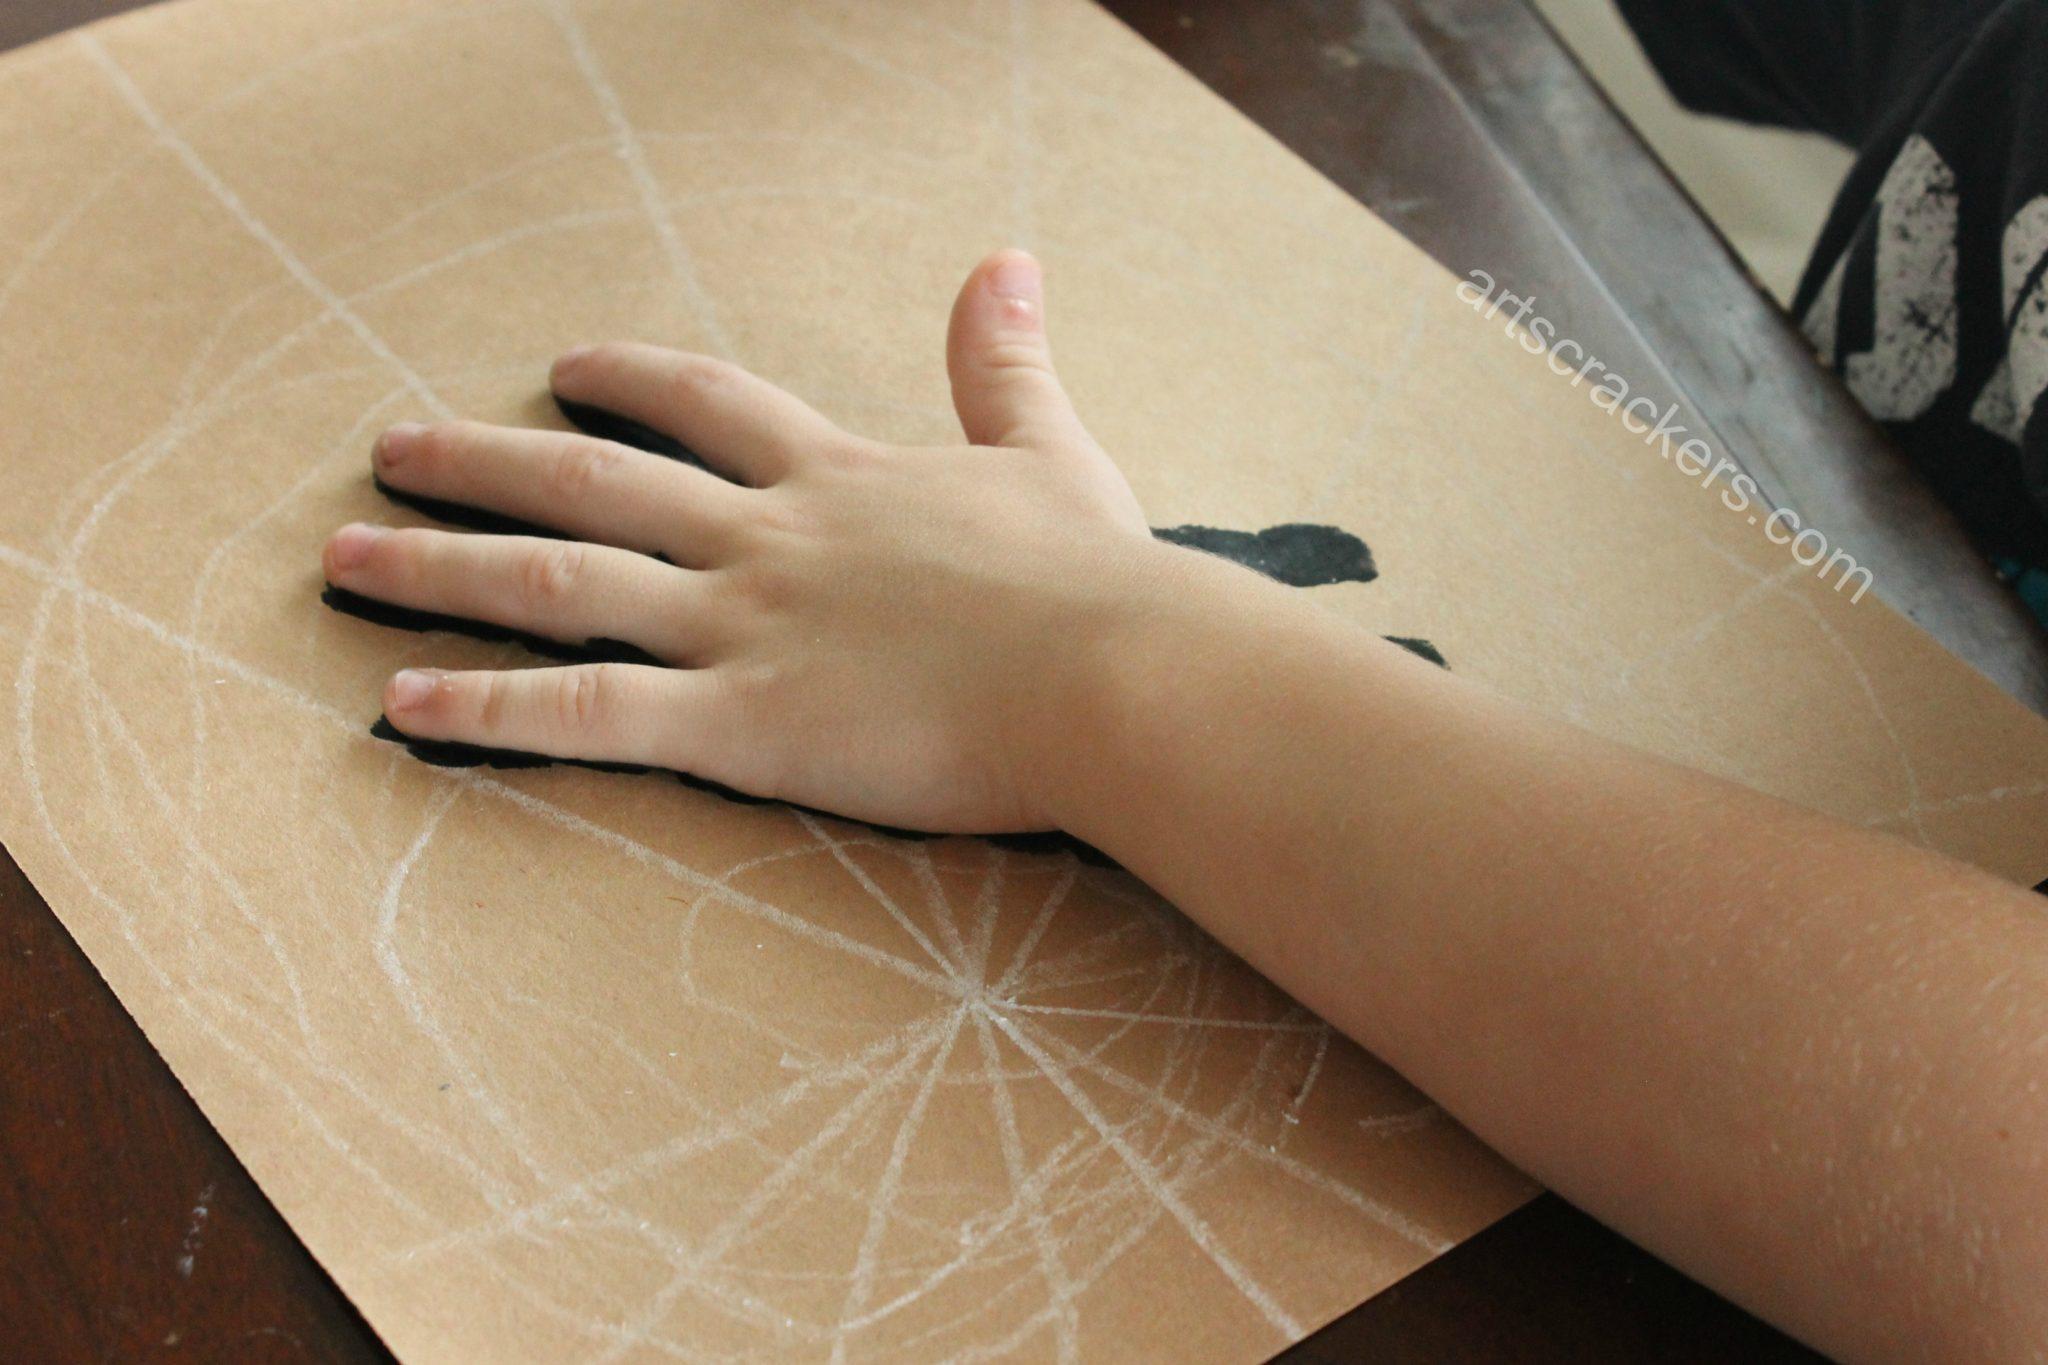 Handprint Spider Palm Down